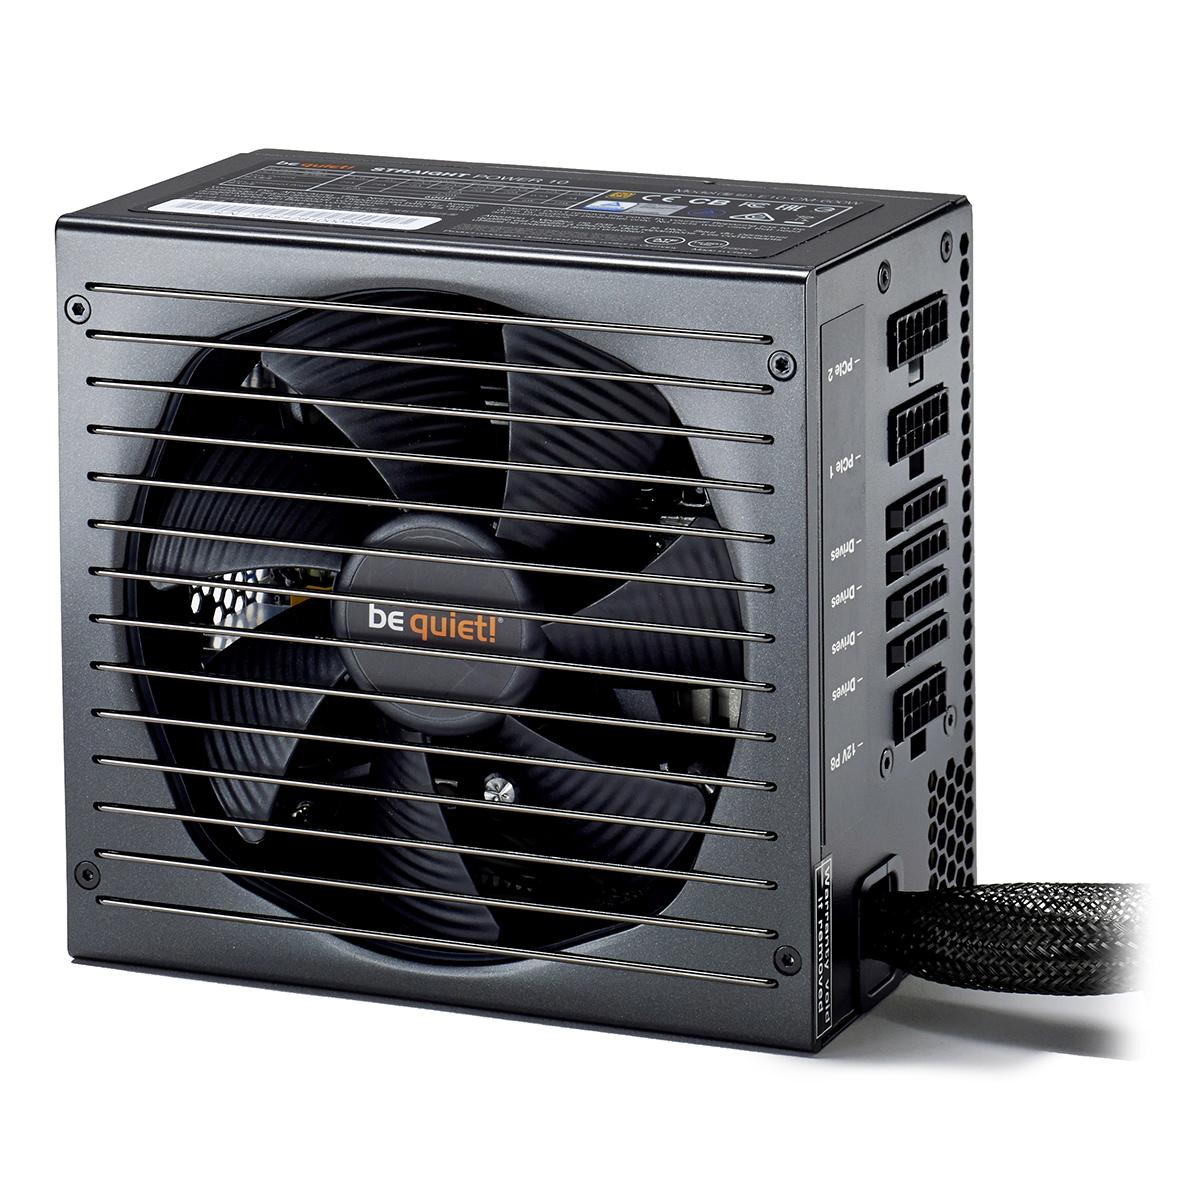 Alimentation PC be quiet! Straight Power 10 700W CM 80PLUS Gold Alimentation modulaire 700W ATX 12V 2.4/ EPS 12V 2.92 (Garantie 5 ans par Be Quiet !)